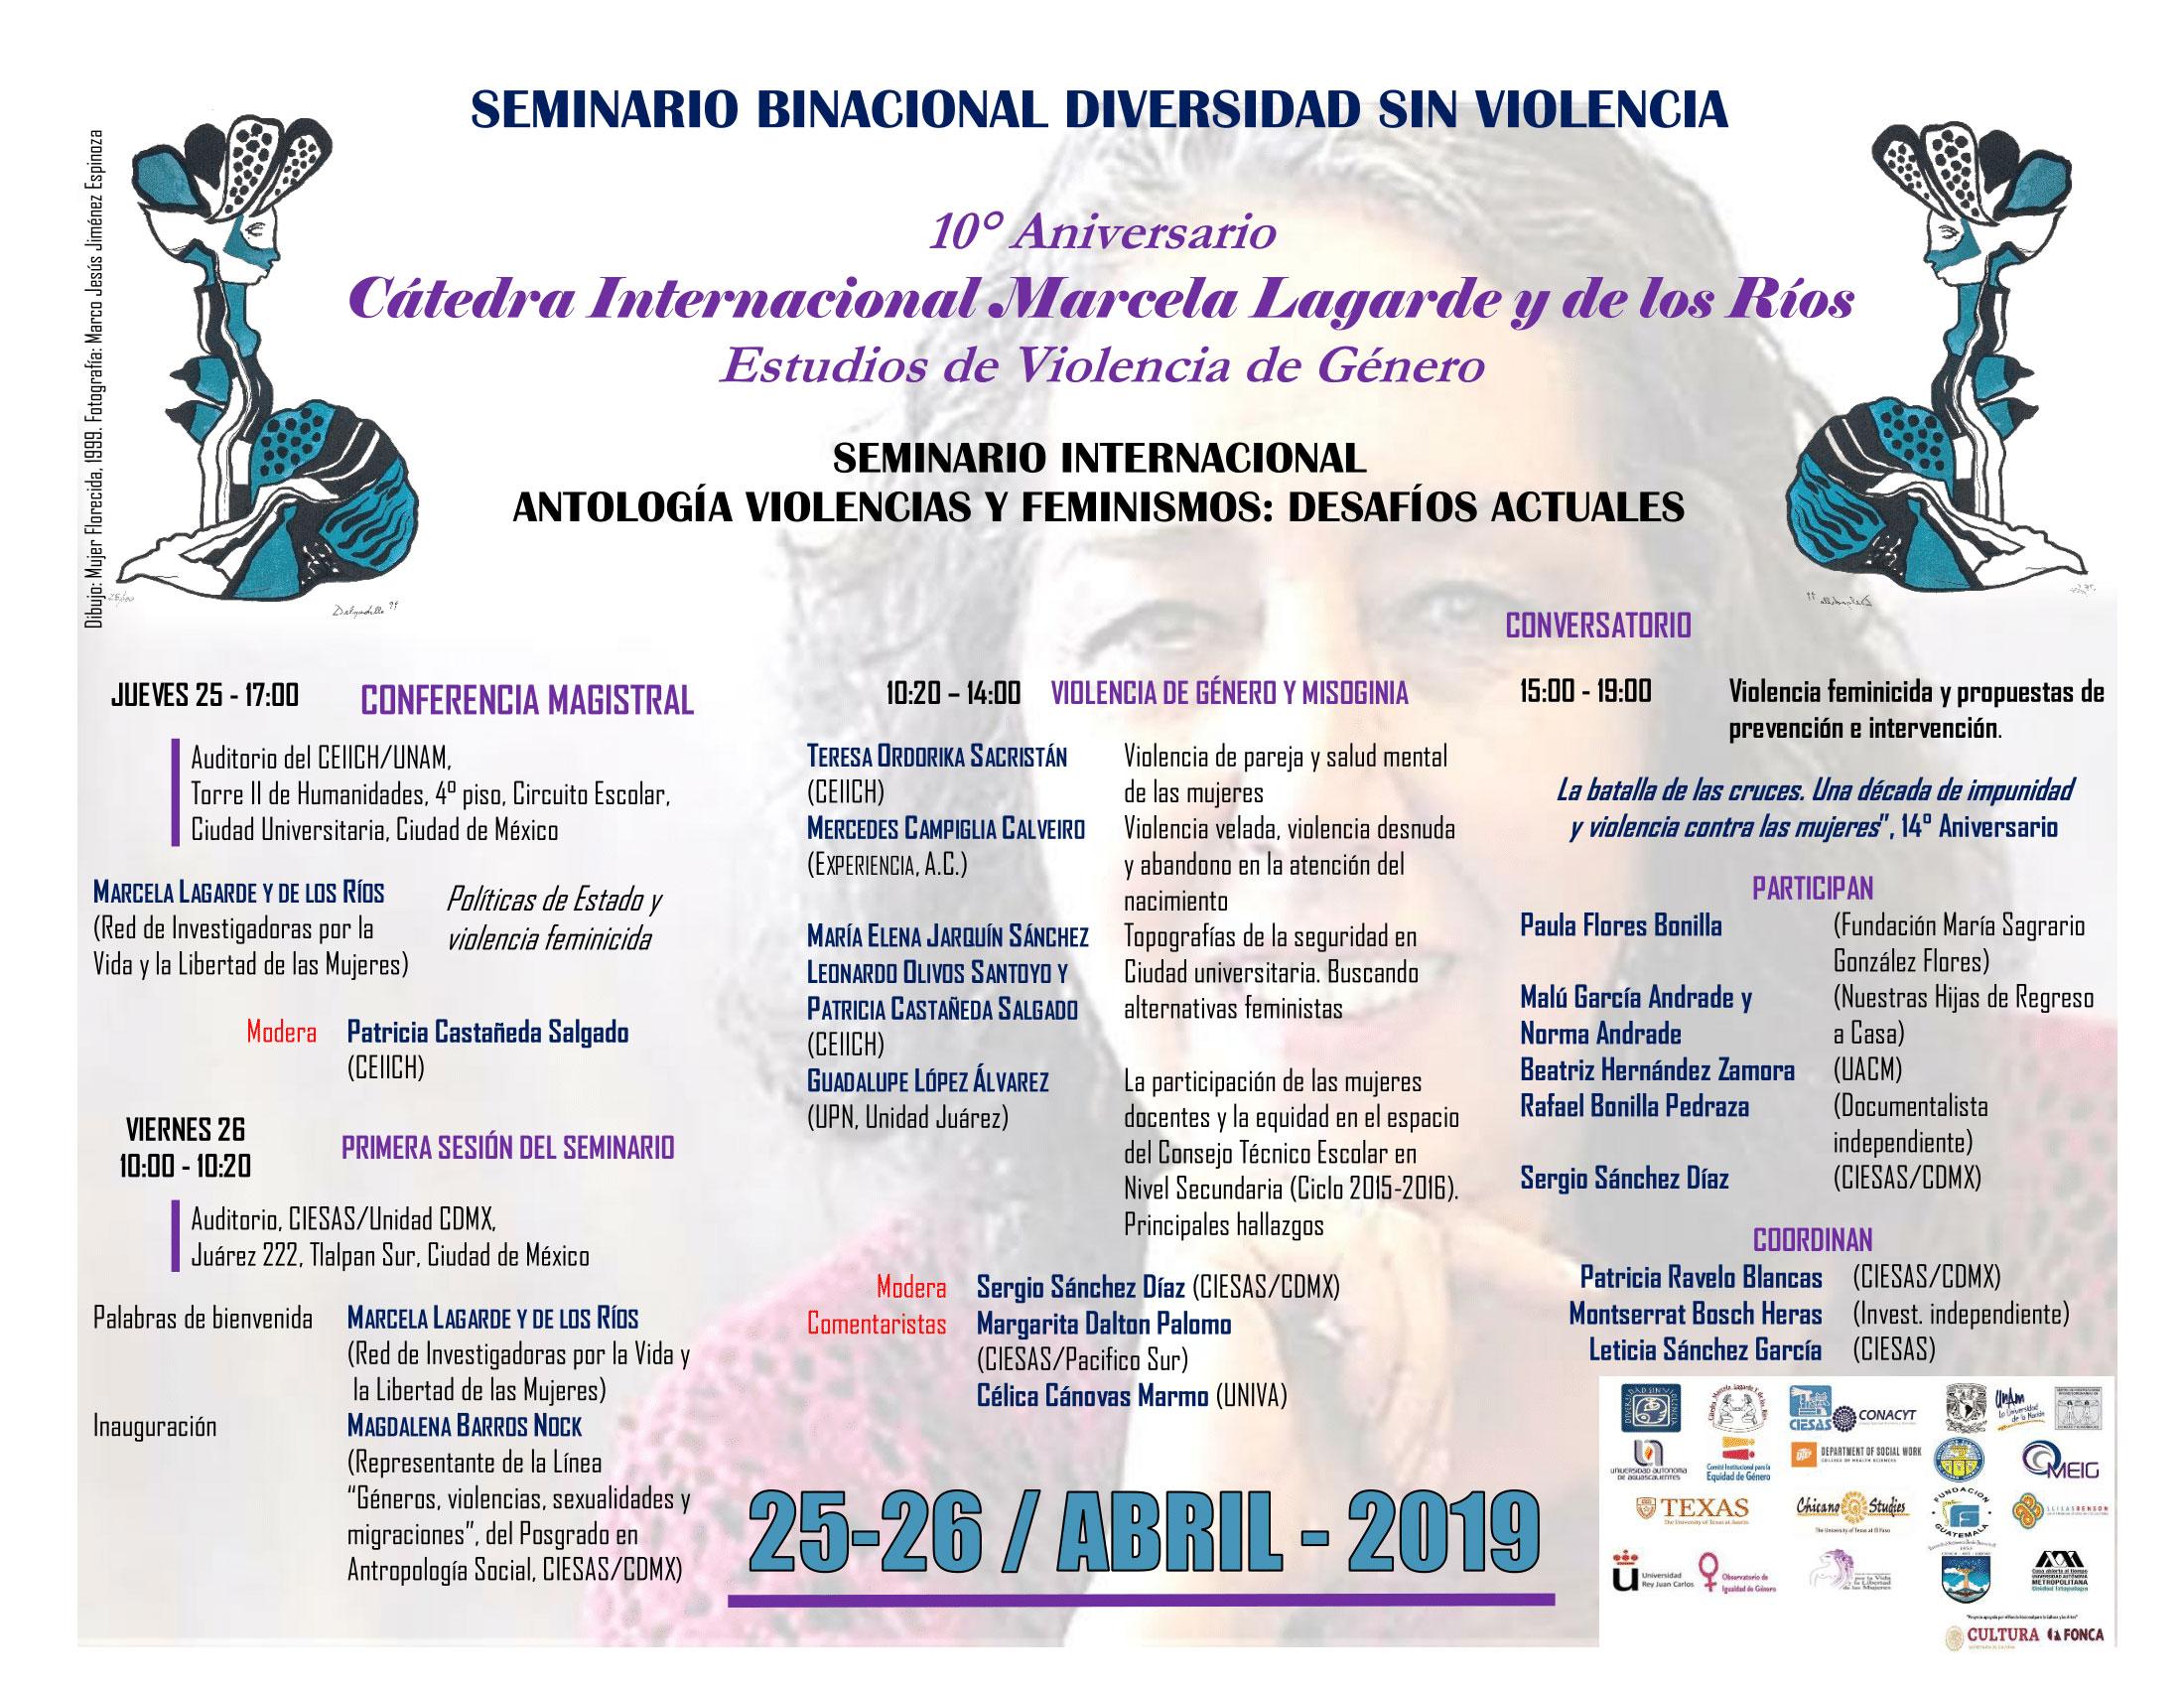 Seminario Binacional Diversidad sin Violencia